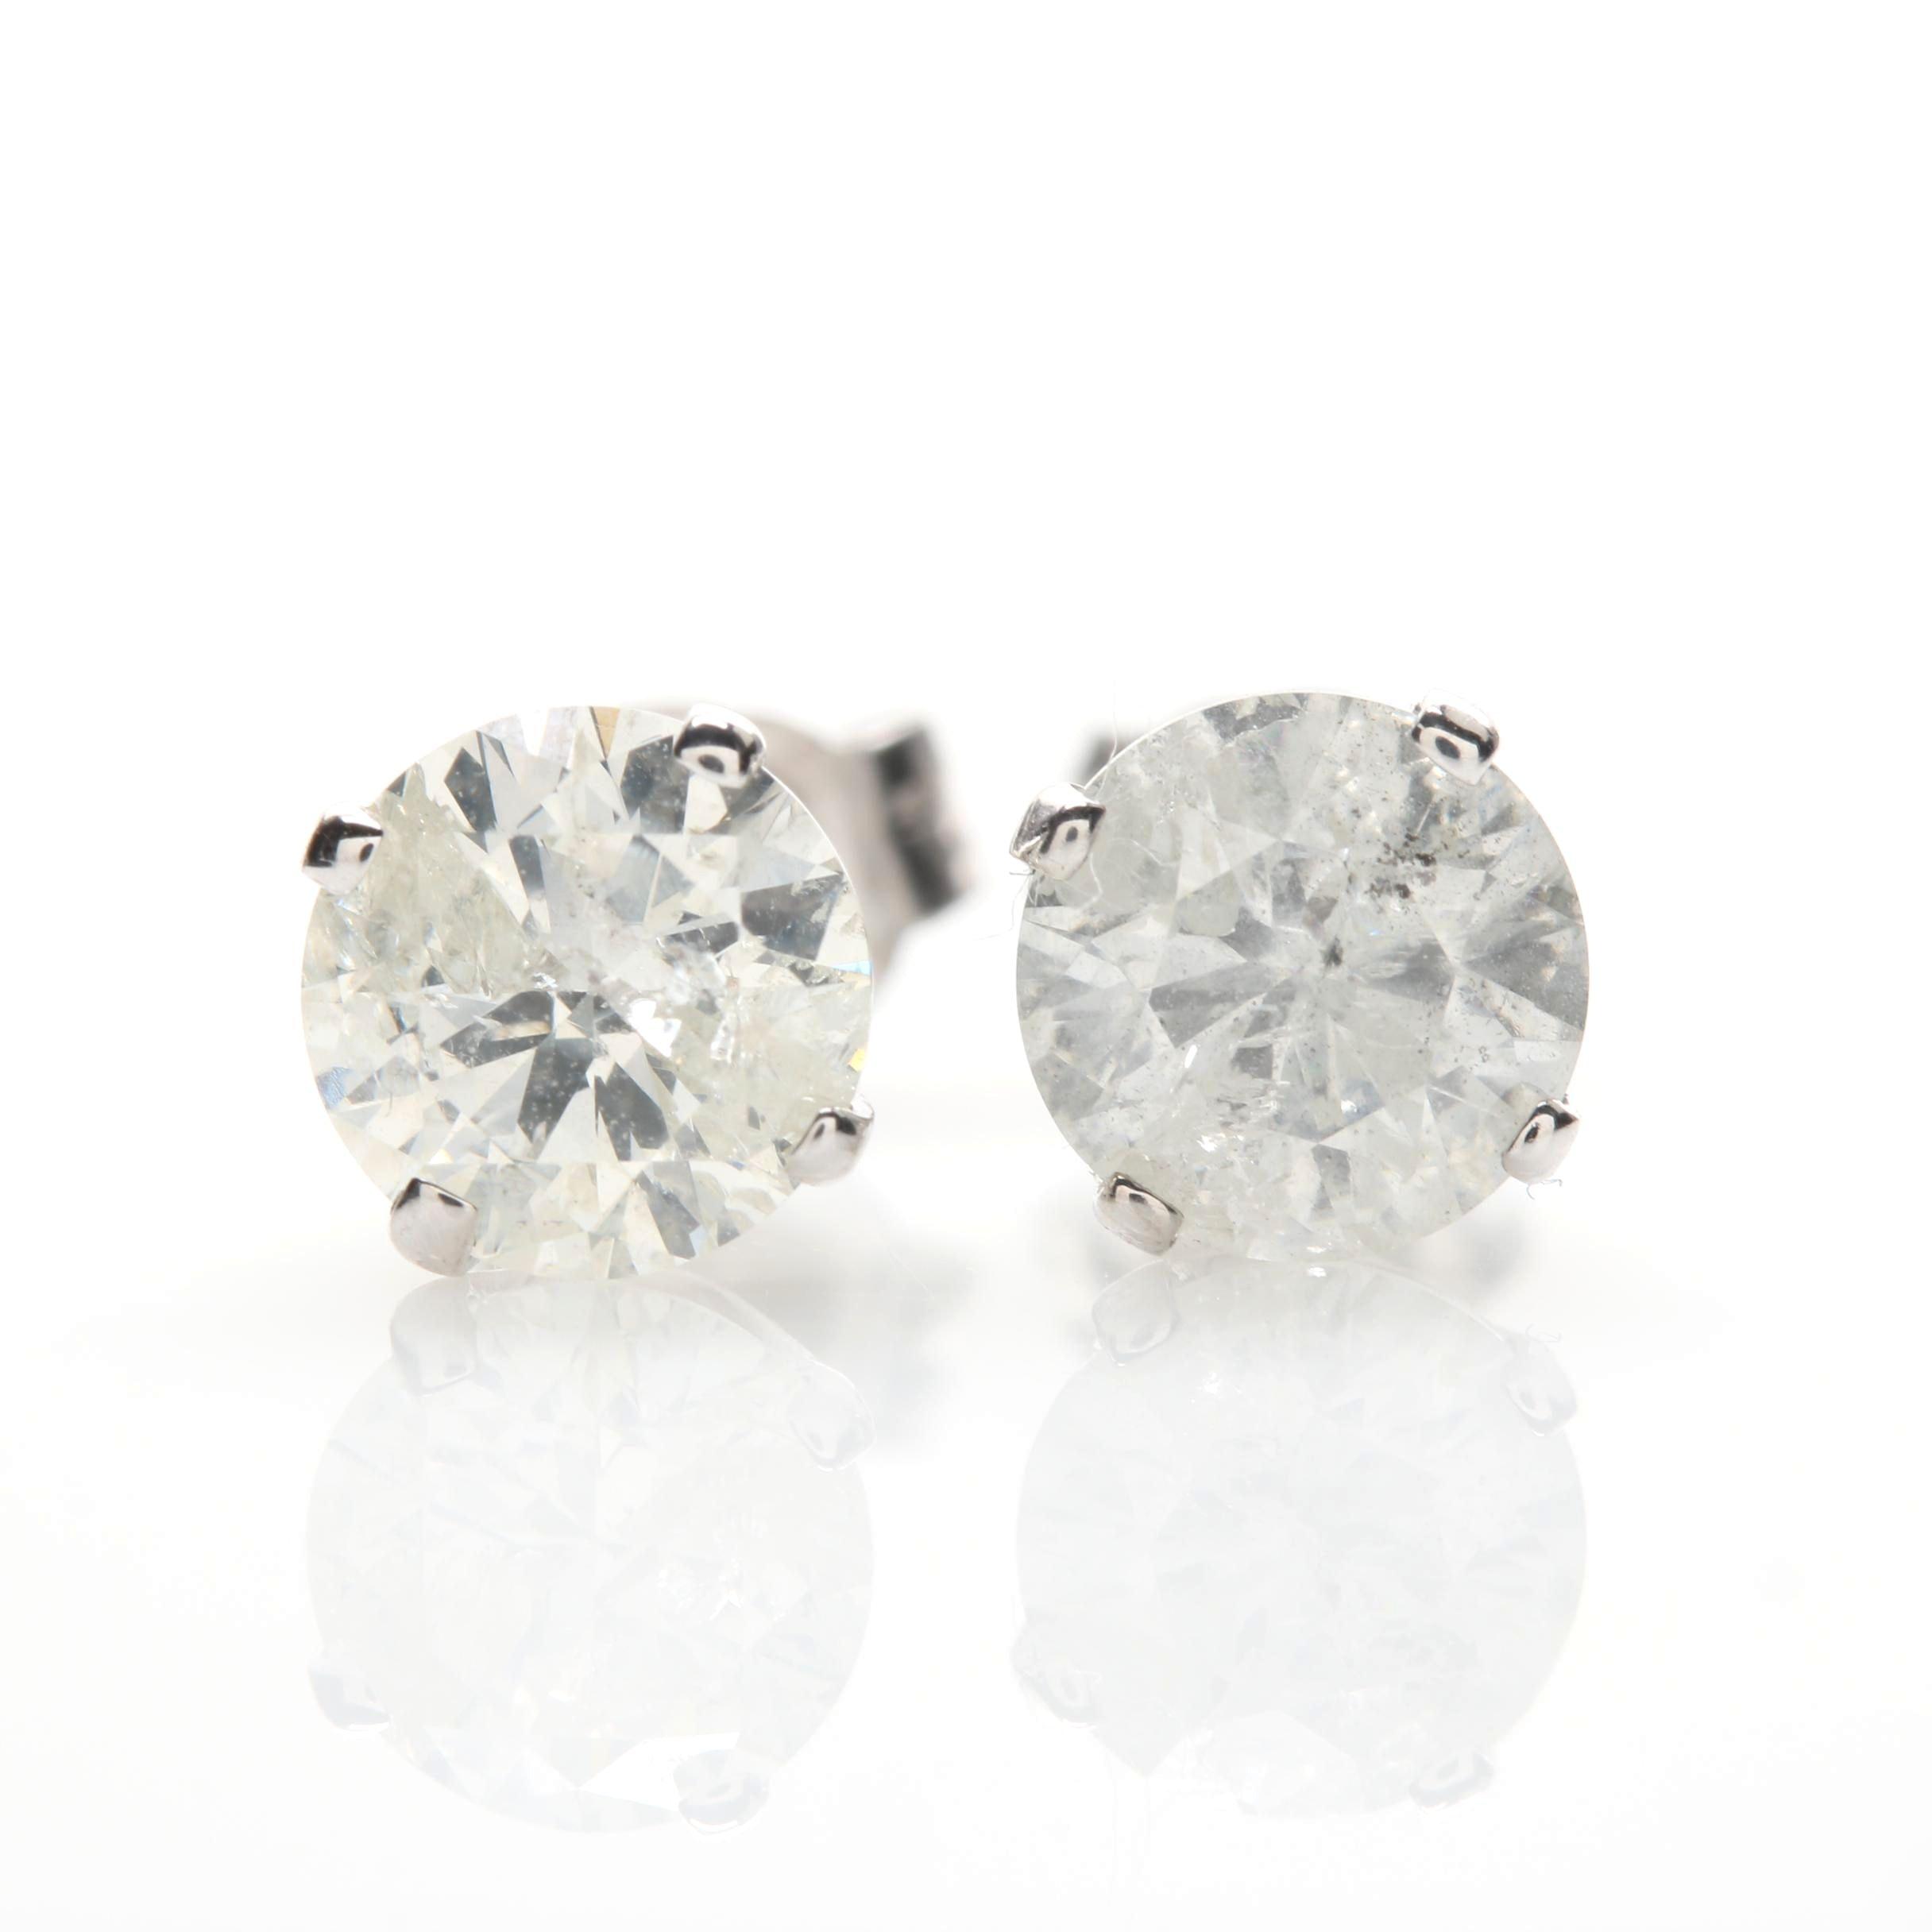 14K White Gold 1.81 CTW Diamond Earrings